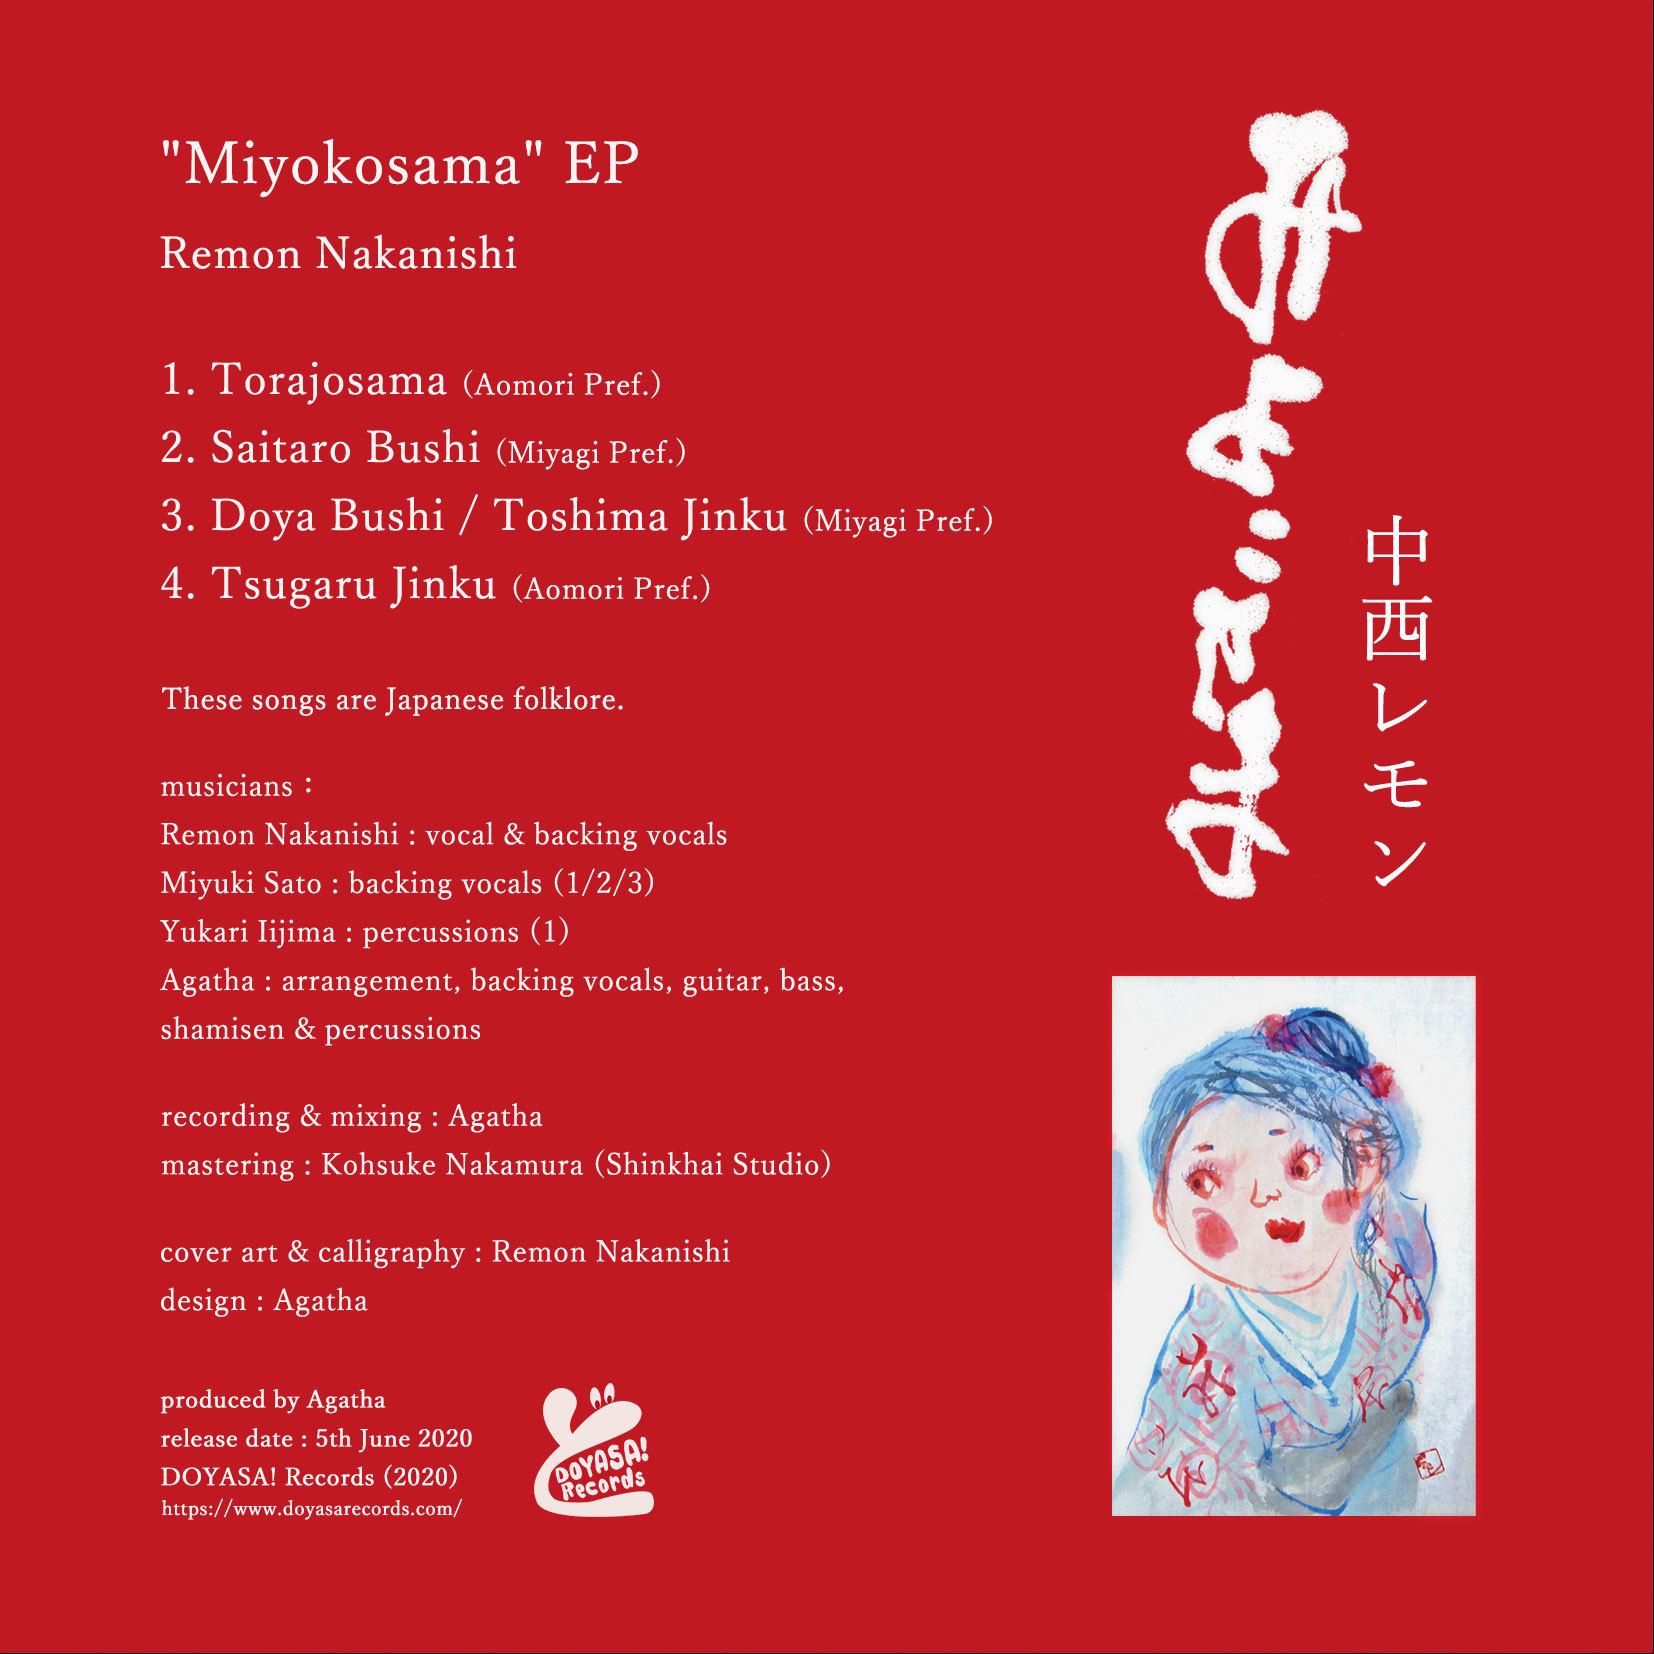 【Miyokosama EP】リリース!_e0303005_01404667.jpg